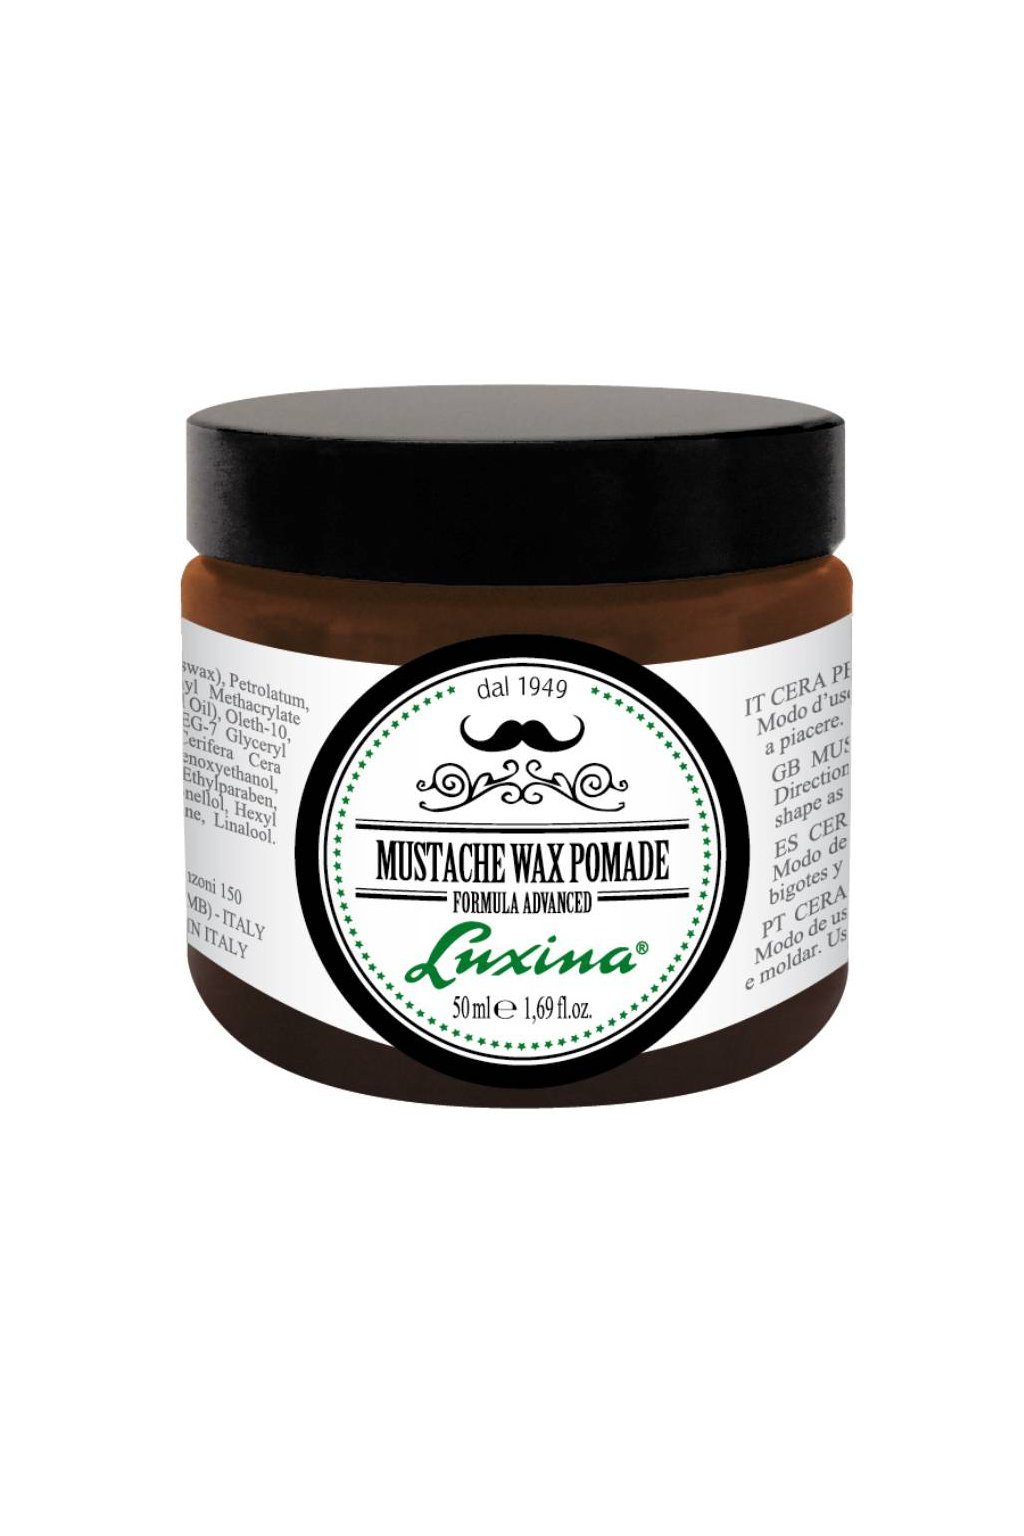 7469 luxina mustache wax pomade vosk pro vousy kvalitni prirozene zpevneni 50ml